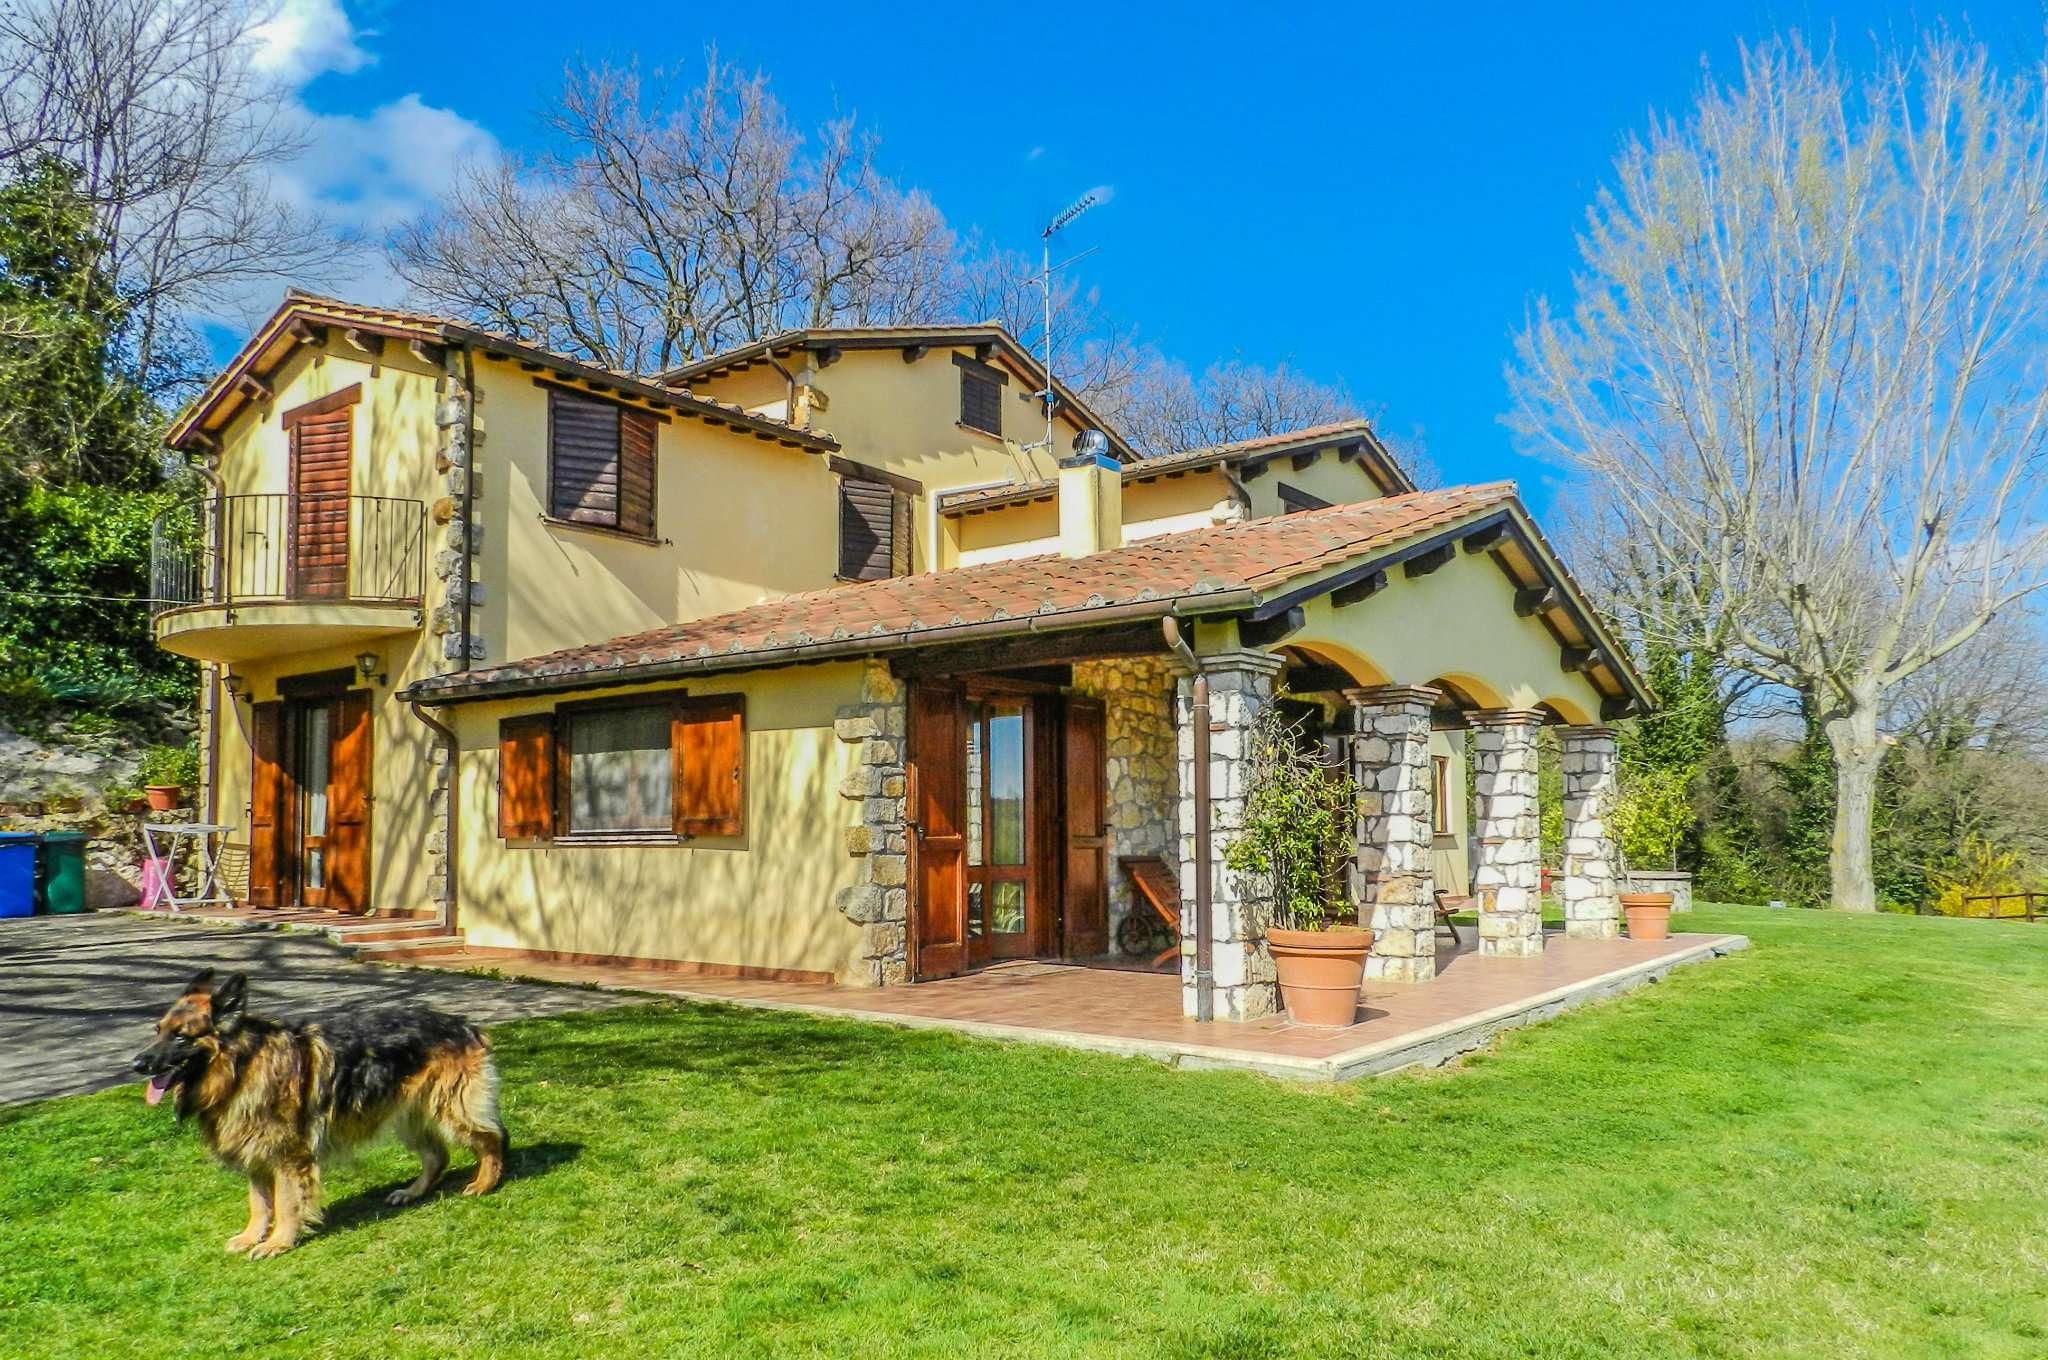 Rustico / Casale in vendita a Giove, 7 locali, prezzo € 490.000 | Cambio Casa.it